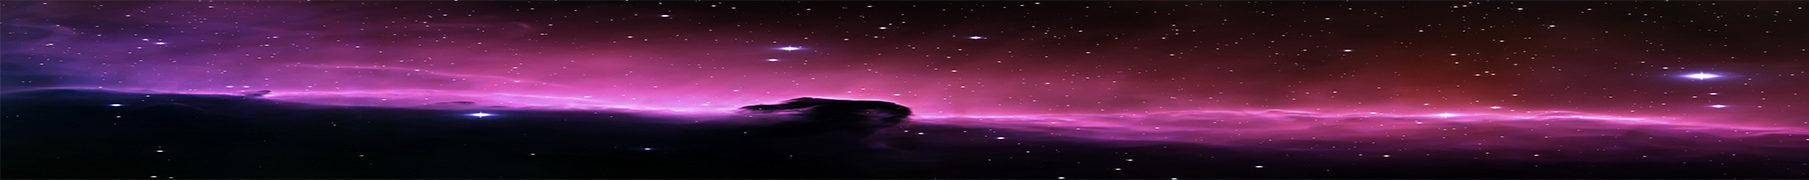 Dunia Antariksa